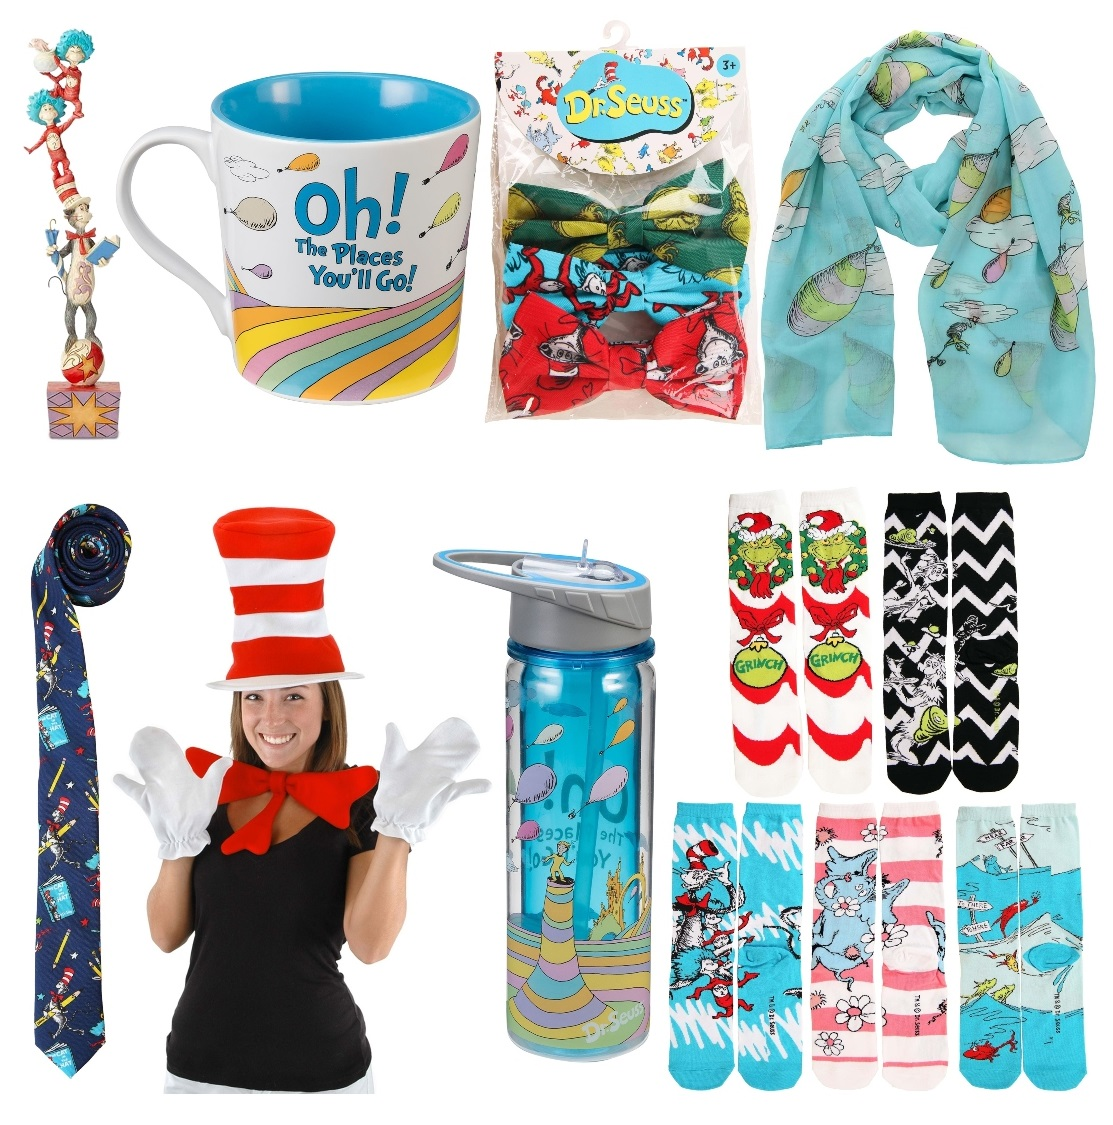 Dr. Seuss Gifts for Teachers